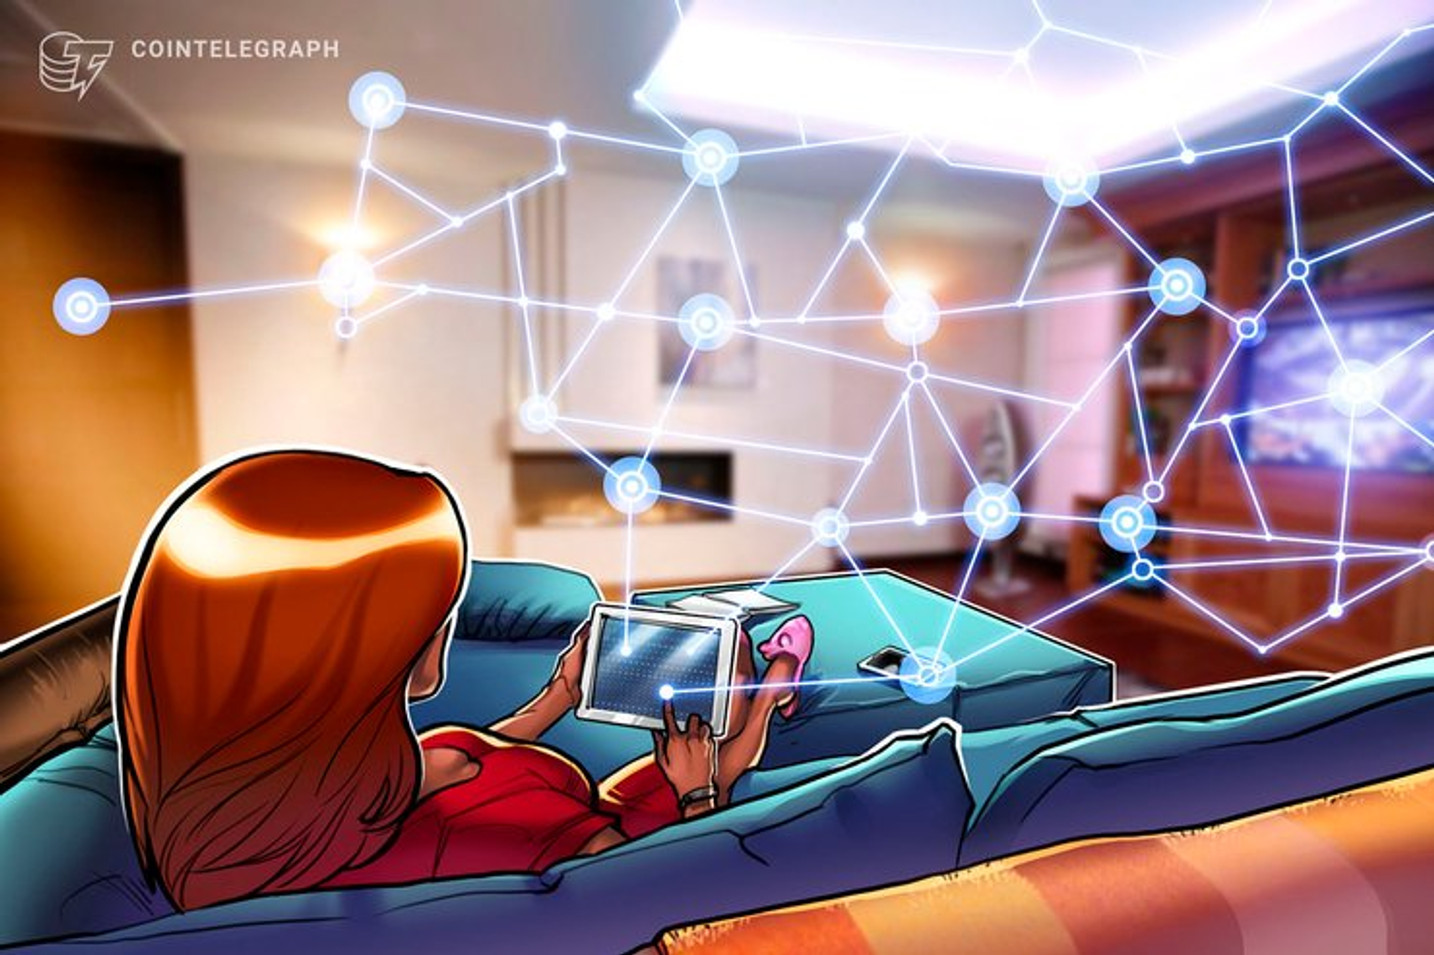 米IoT企業「ブロックチェーンを取り入れたい」|ガートナー調査で導入意欲明らかに【ニュース】